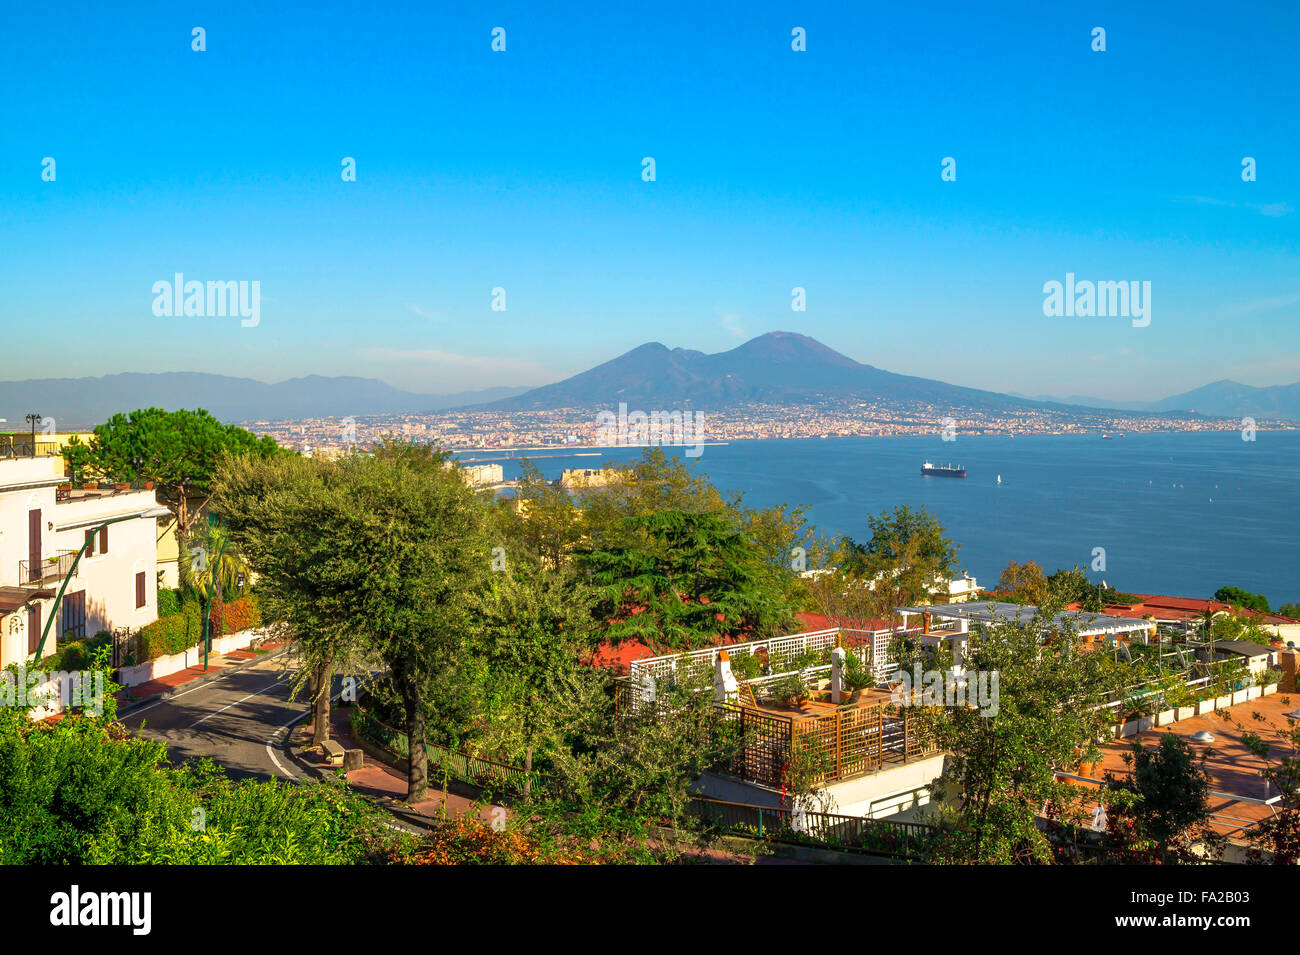 Panorama of Naples City and Vesuvius Volcano seen from Belvedere Antonio Iannello. - Stock Image